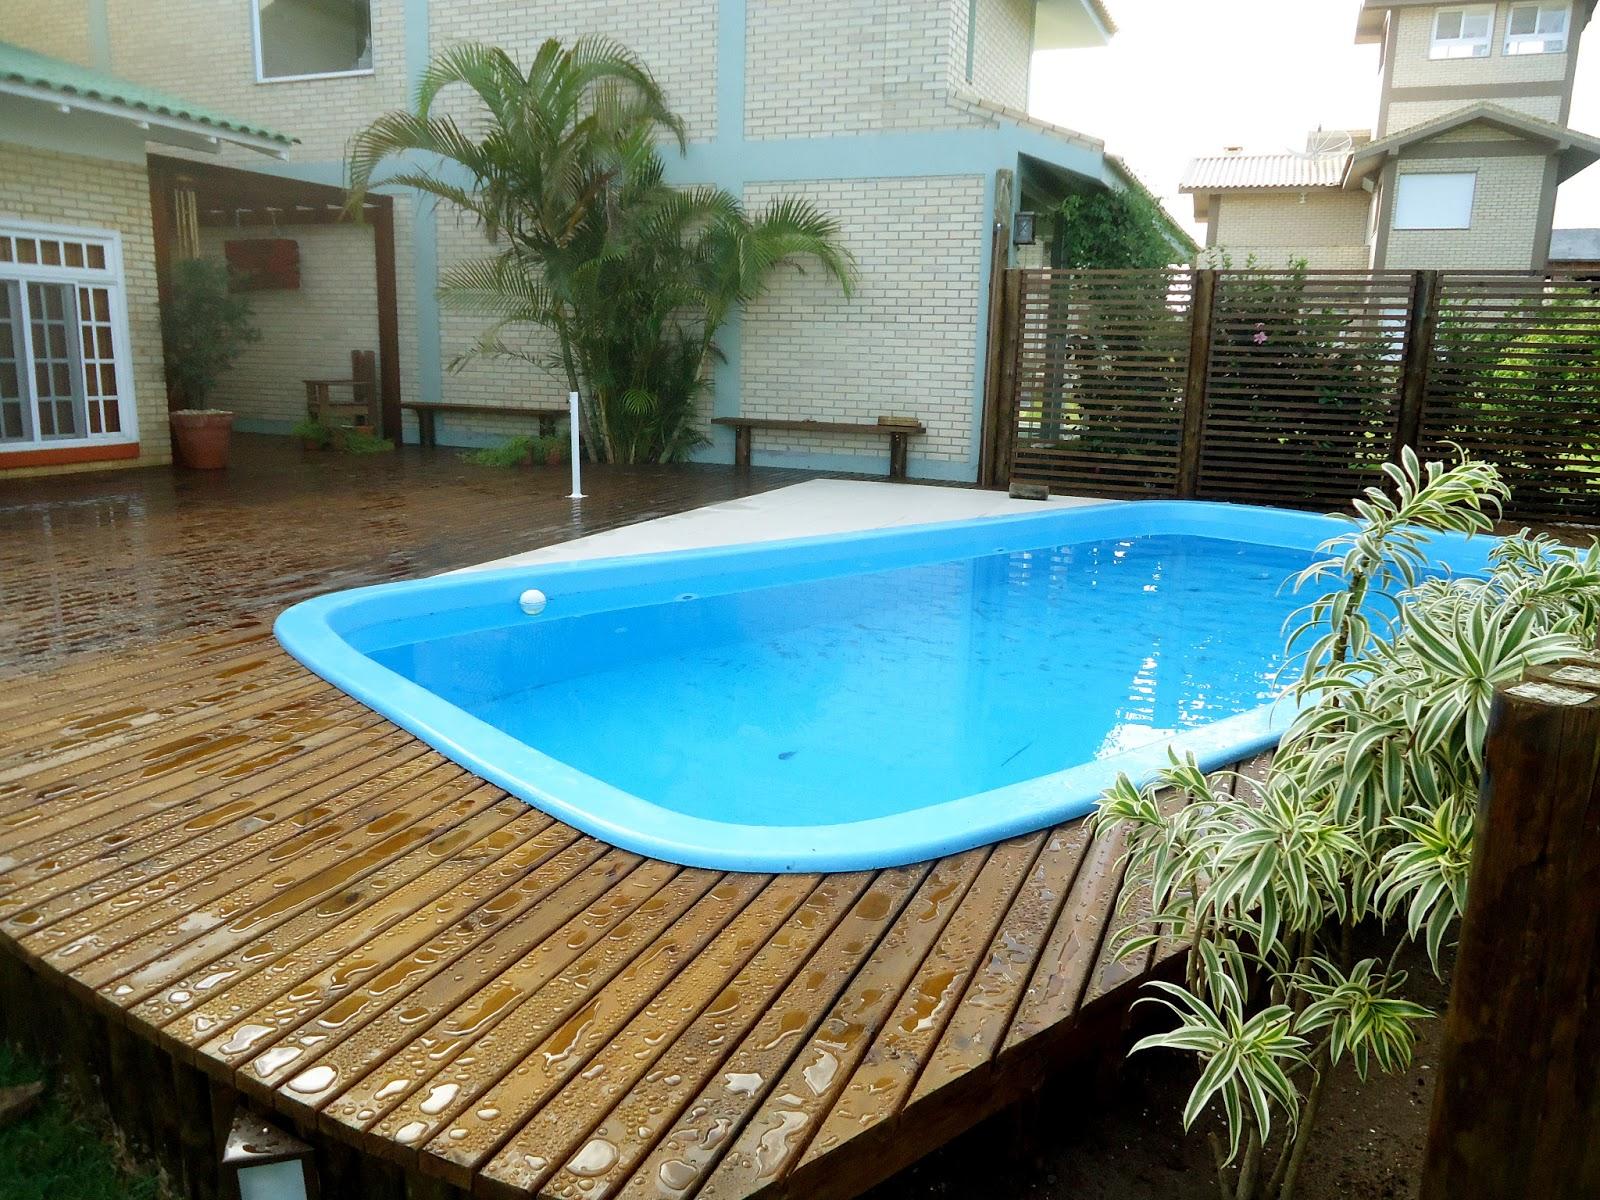 Manutenção de Jardins: Projeto em destaque: Jardim deque e piscina #0492C7 1600x1200